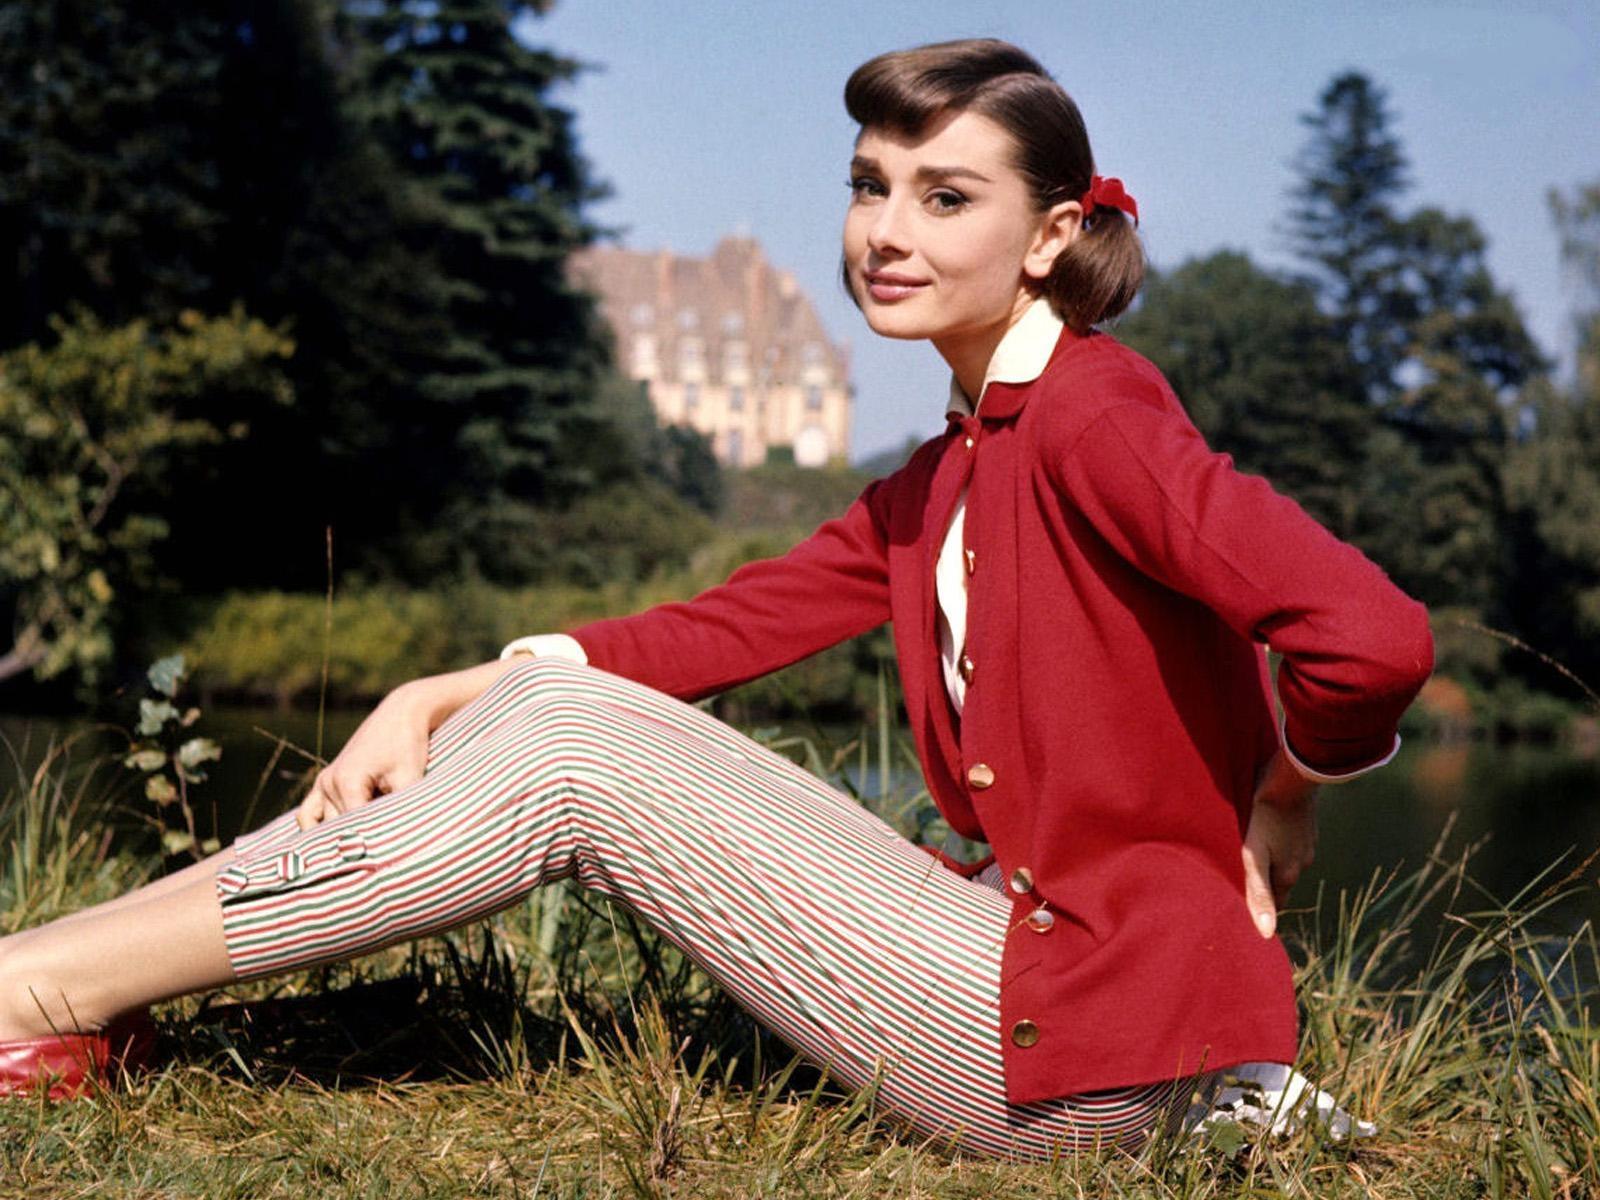 Audrey Hepburn Photos